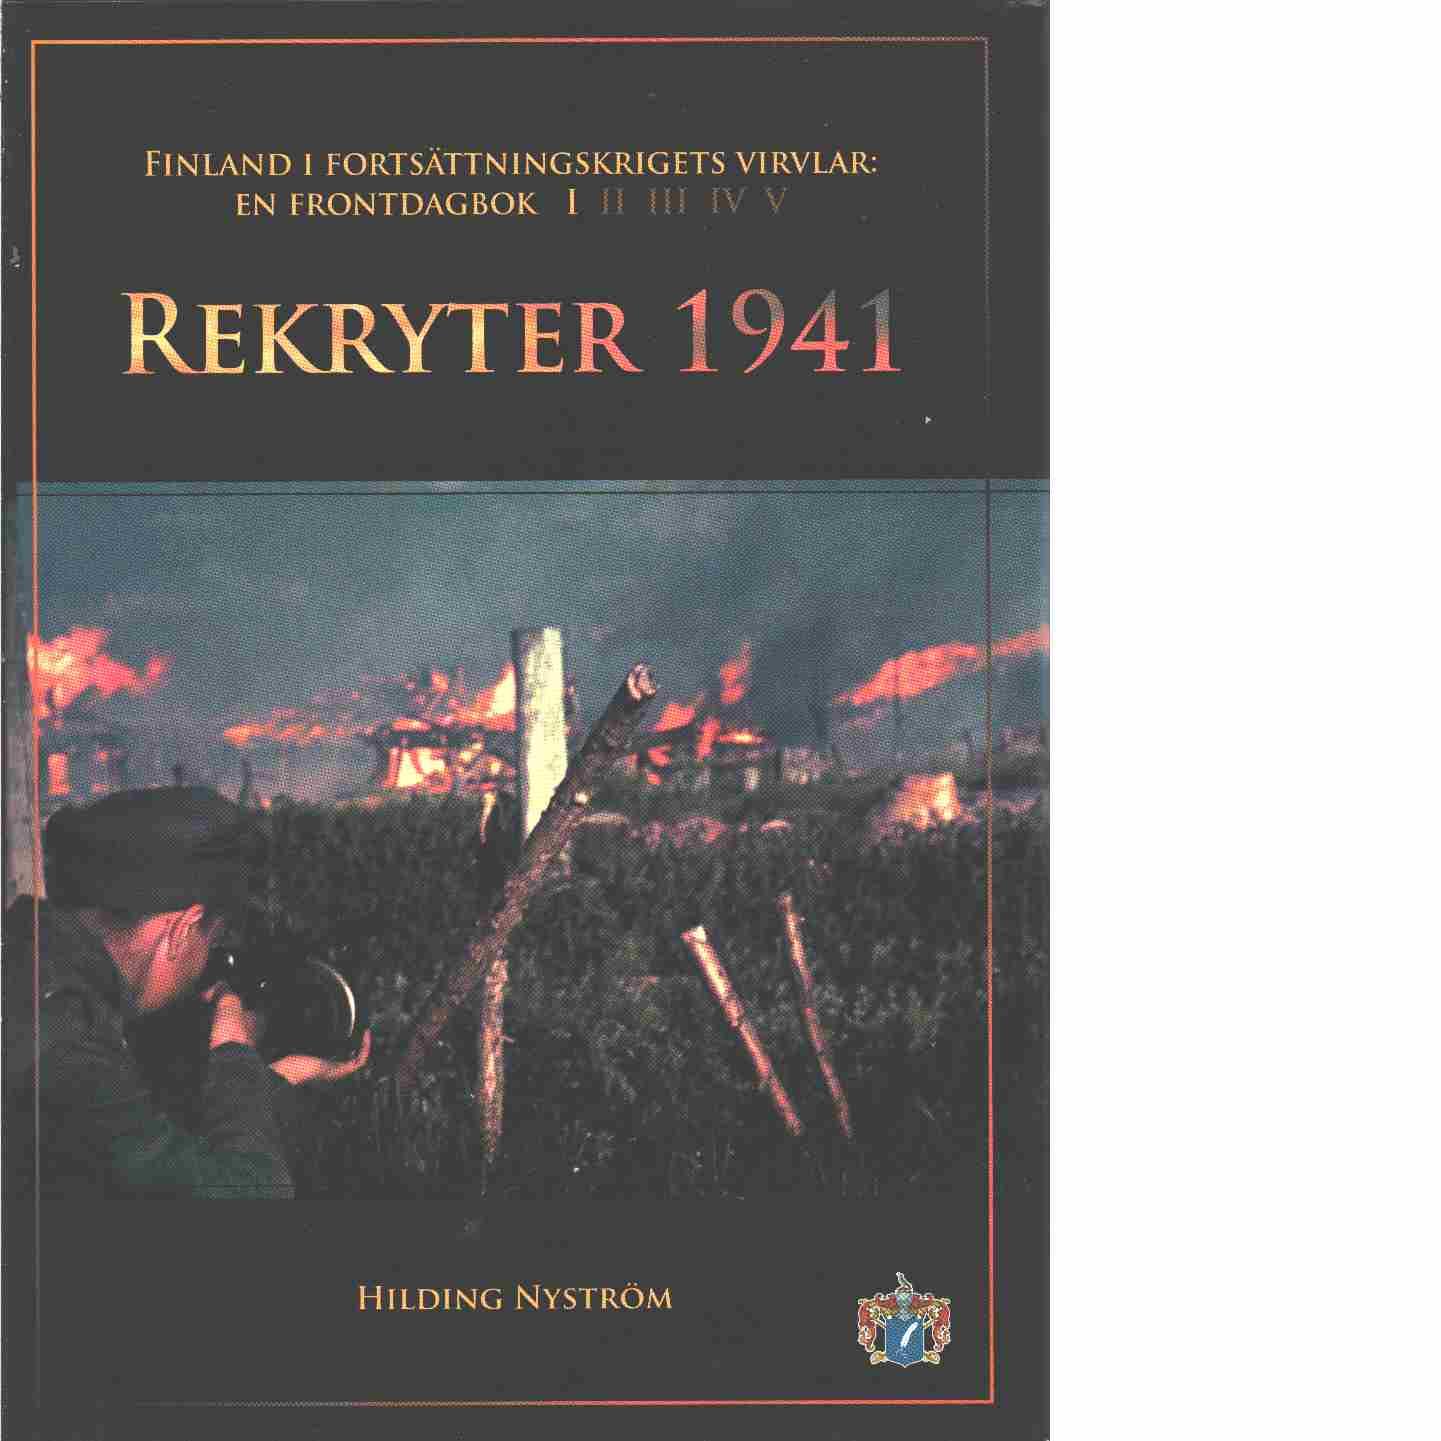 Rekryter 1941 - Finland i fortsättningskrigets virvlar: En frontdagbok del I - Nyström, Hilding